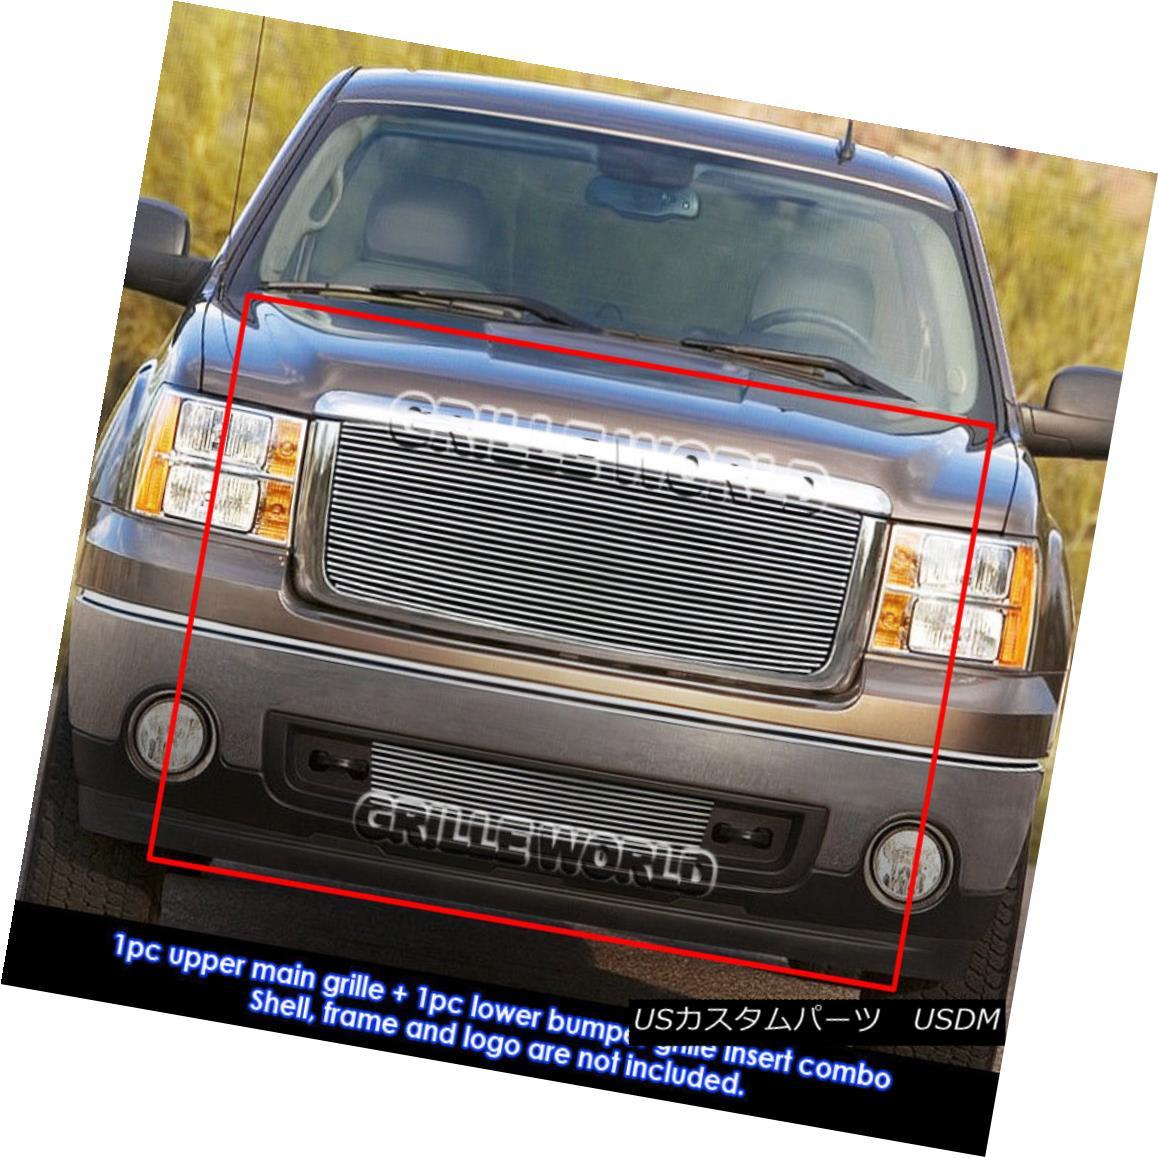 グリル For 2007-2012 GMC Sierra 1500 New Body Style Billet Grille Grill Combo Insert 2007?2012年GMC Sierra 1500新ボディスタイルビレットグリルグリルコンボインサート